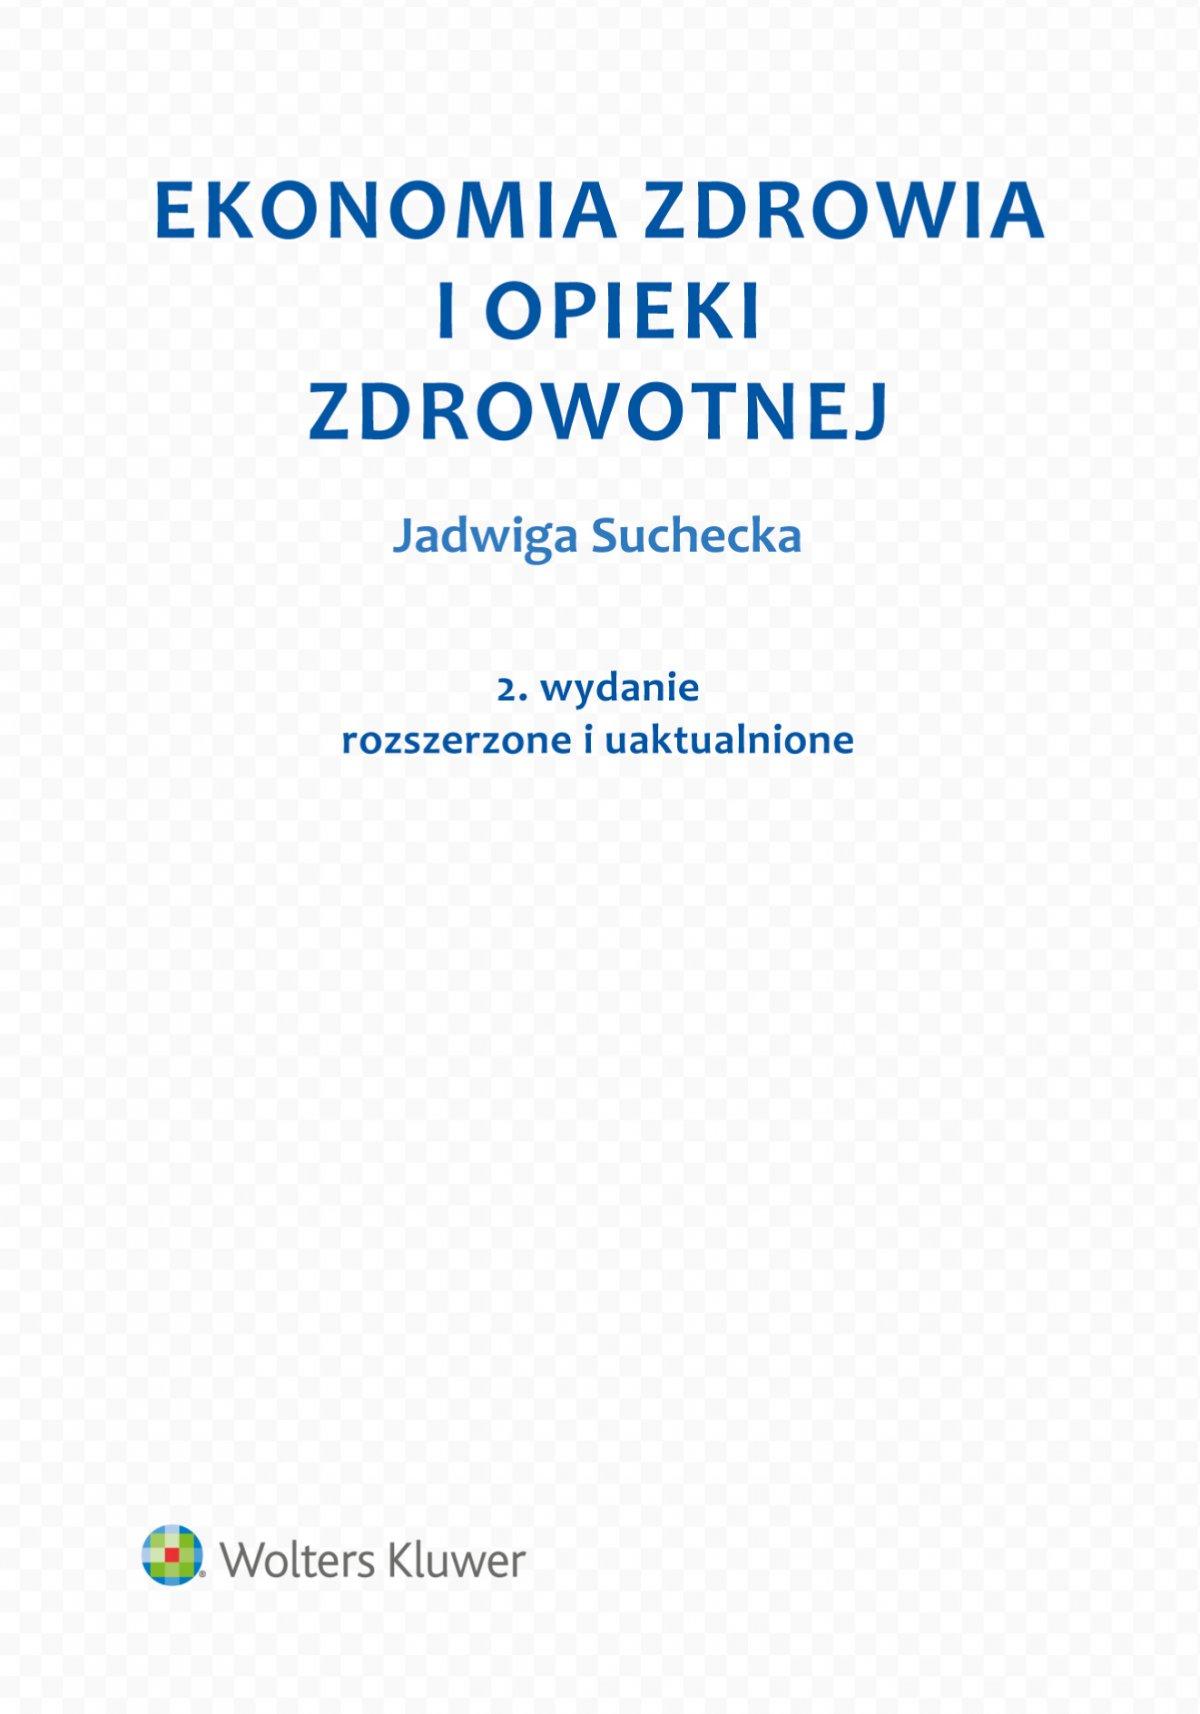 Ekonomia zdrowia i opieki zdrowotnej - Ebook (Książka PDF) do pobrania w formacie PDF